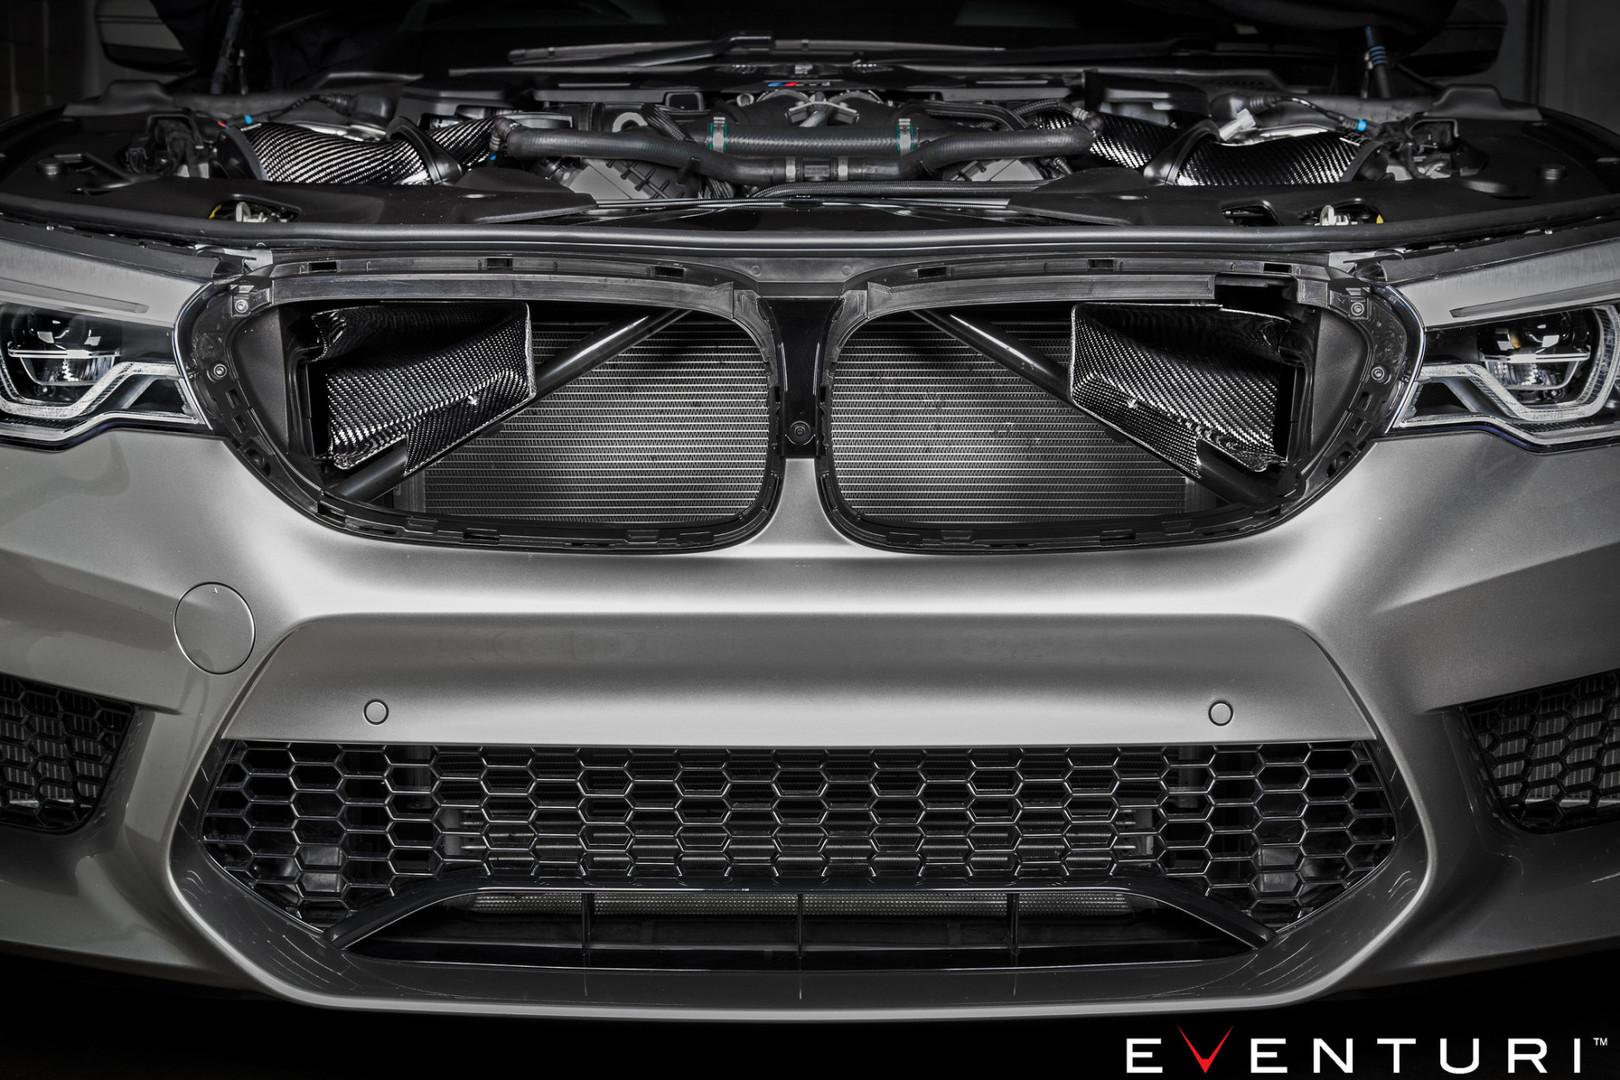 Eventuri Carbon Ansaugsystem für BMW M5 F90